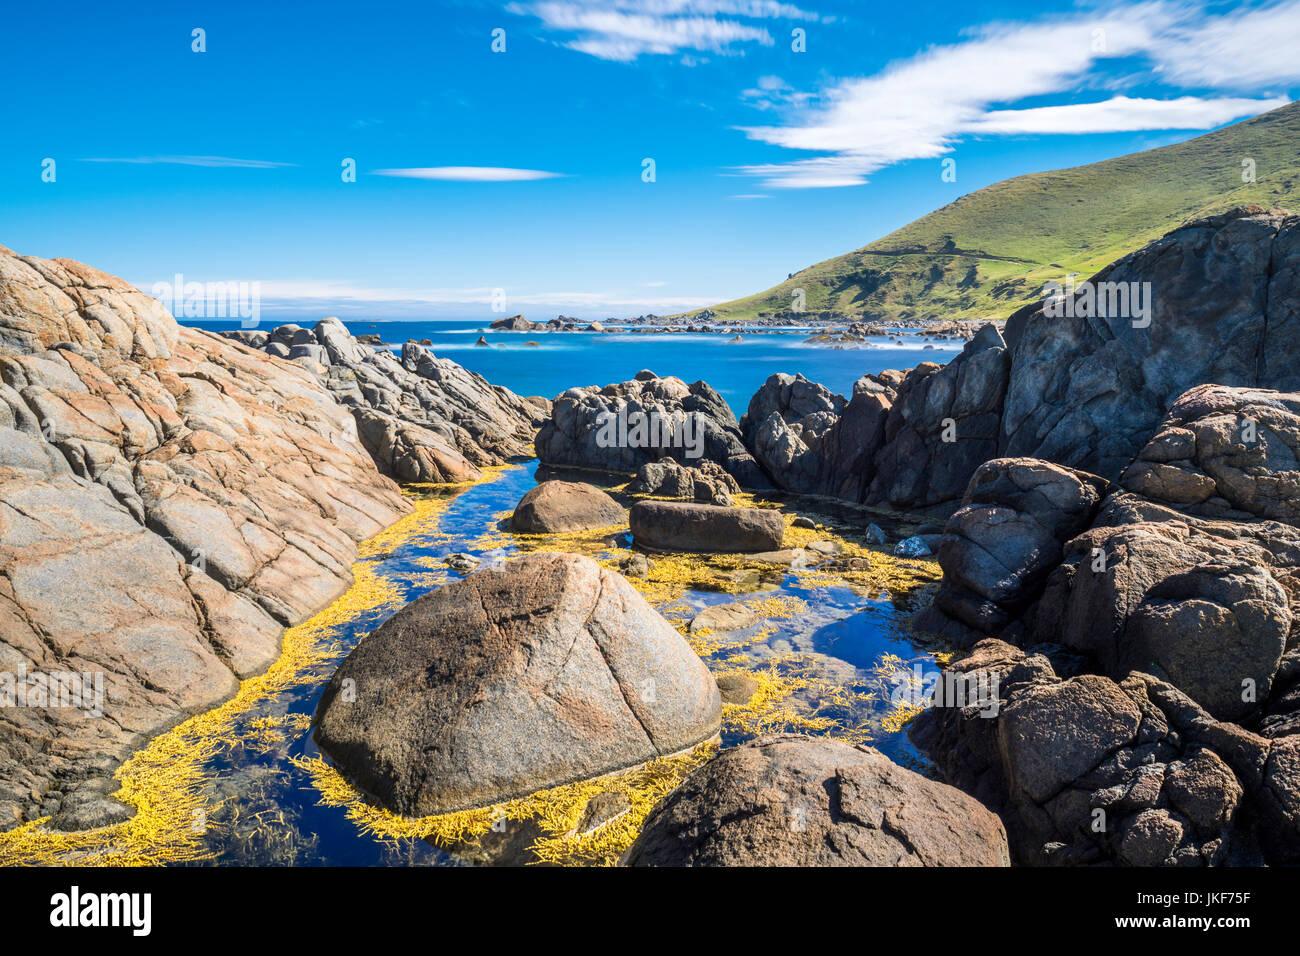 Nuova Zelanda, isola del sud, sud della strada panoramica, orepuki, angolo accogliente beach Immagini Stock